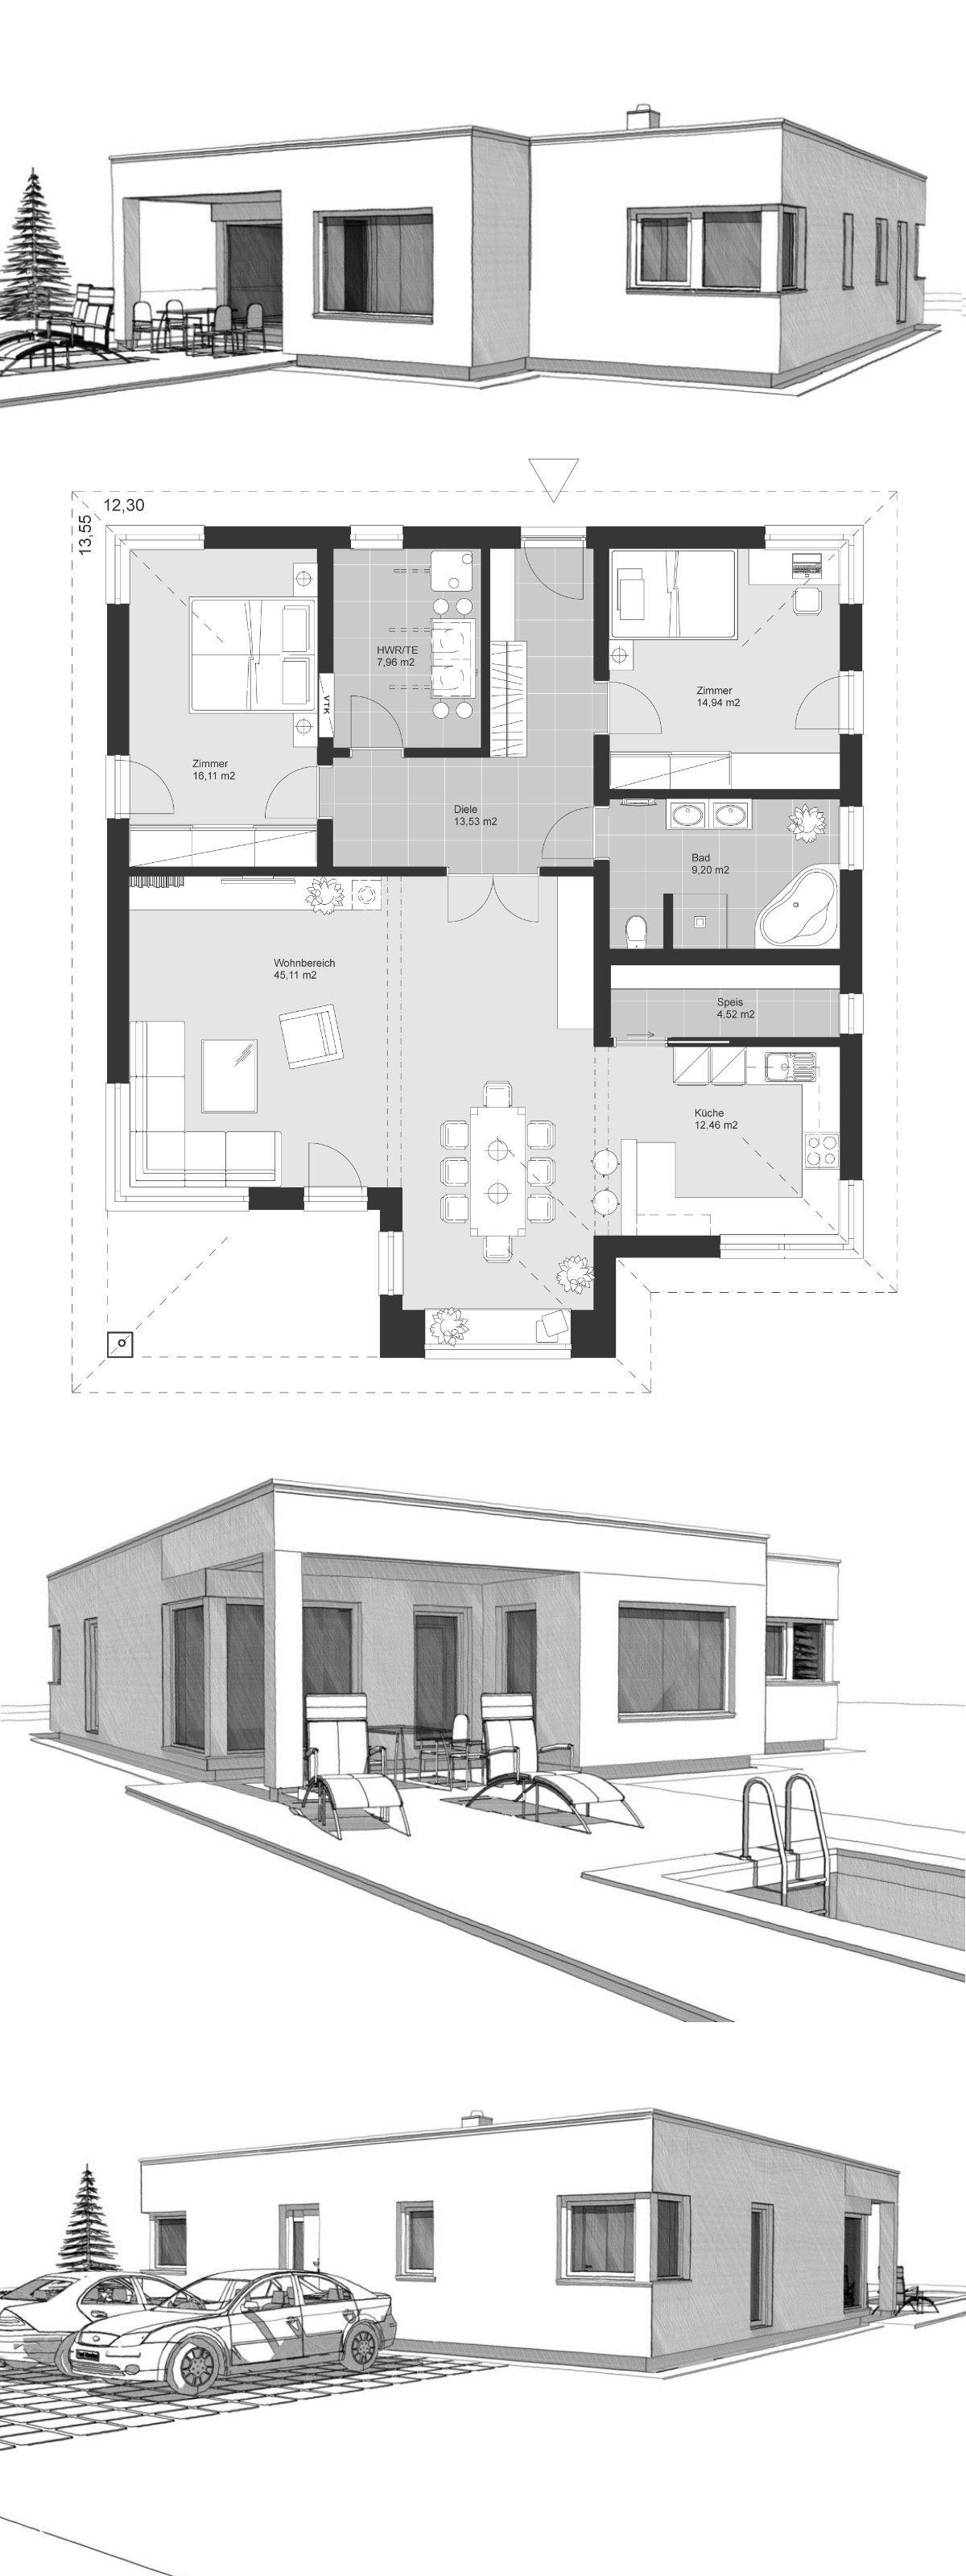 Bauhaus Bungalow Modern Grundriss Ebenerdig Mit Flachdach Terrasse Mit Pool Einfamilienhaus Bauen Id Architektur Zeichnungen Architektur Moderne Grundrisse